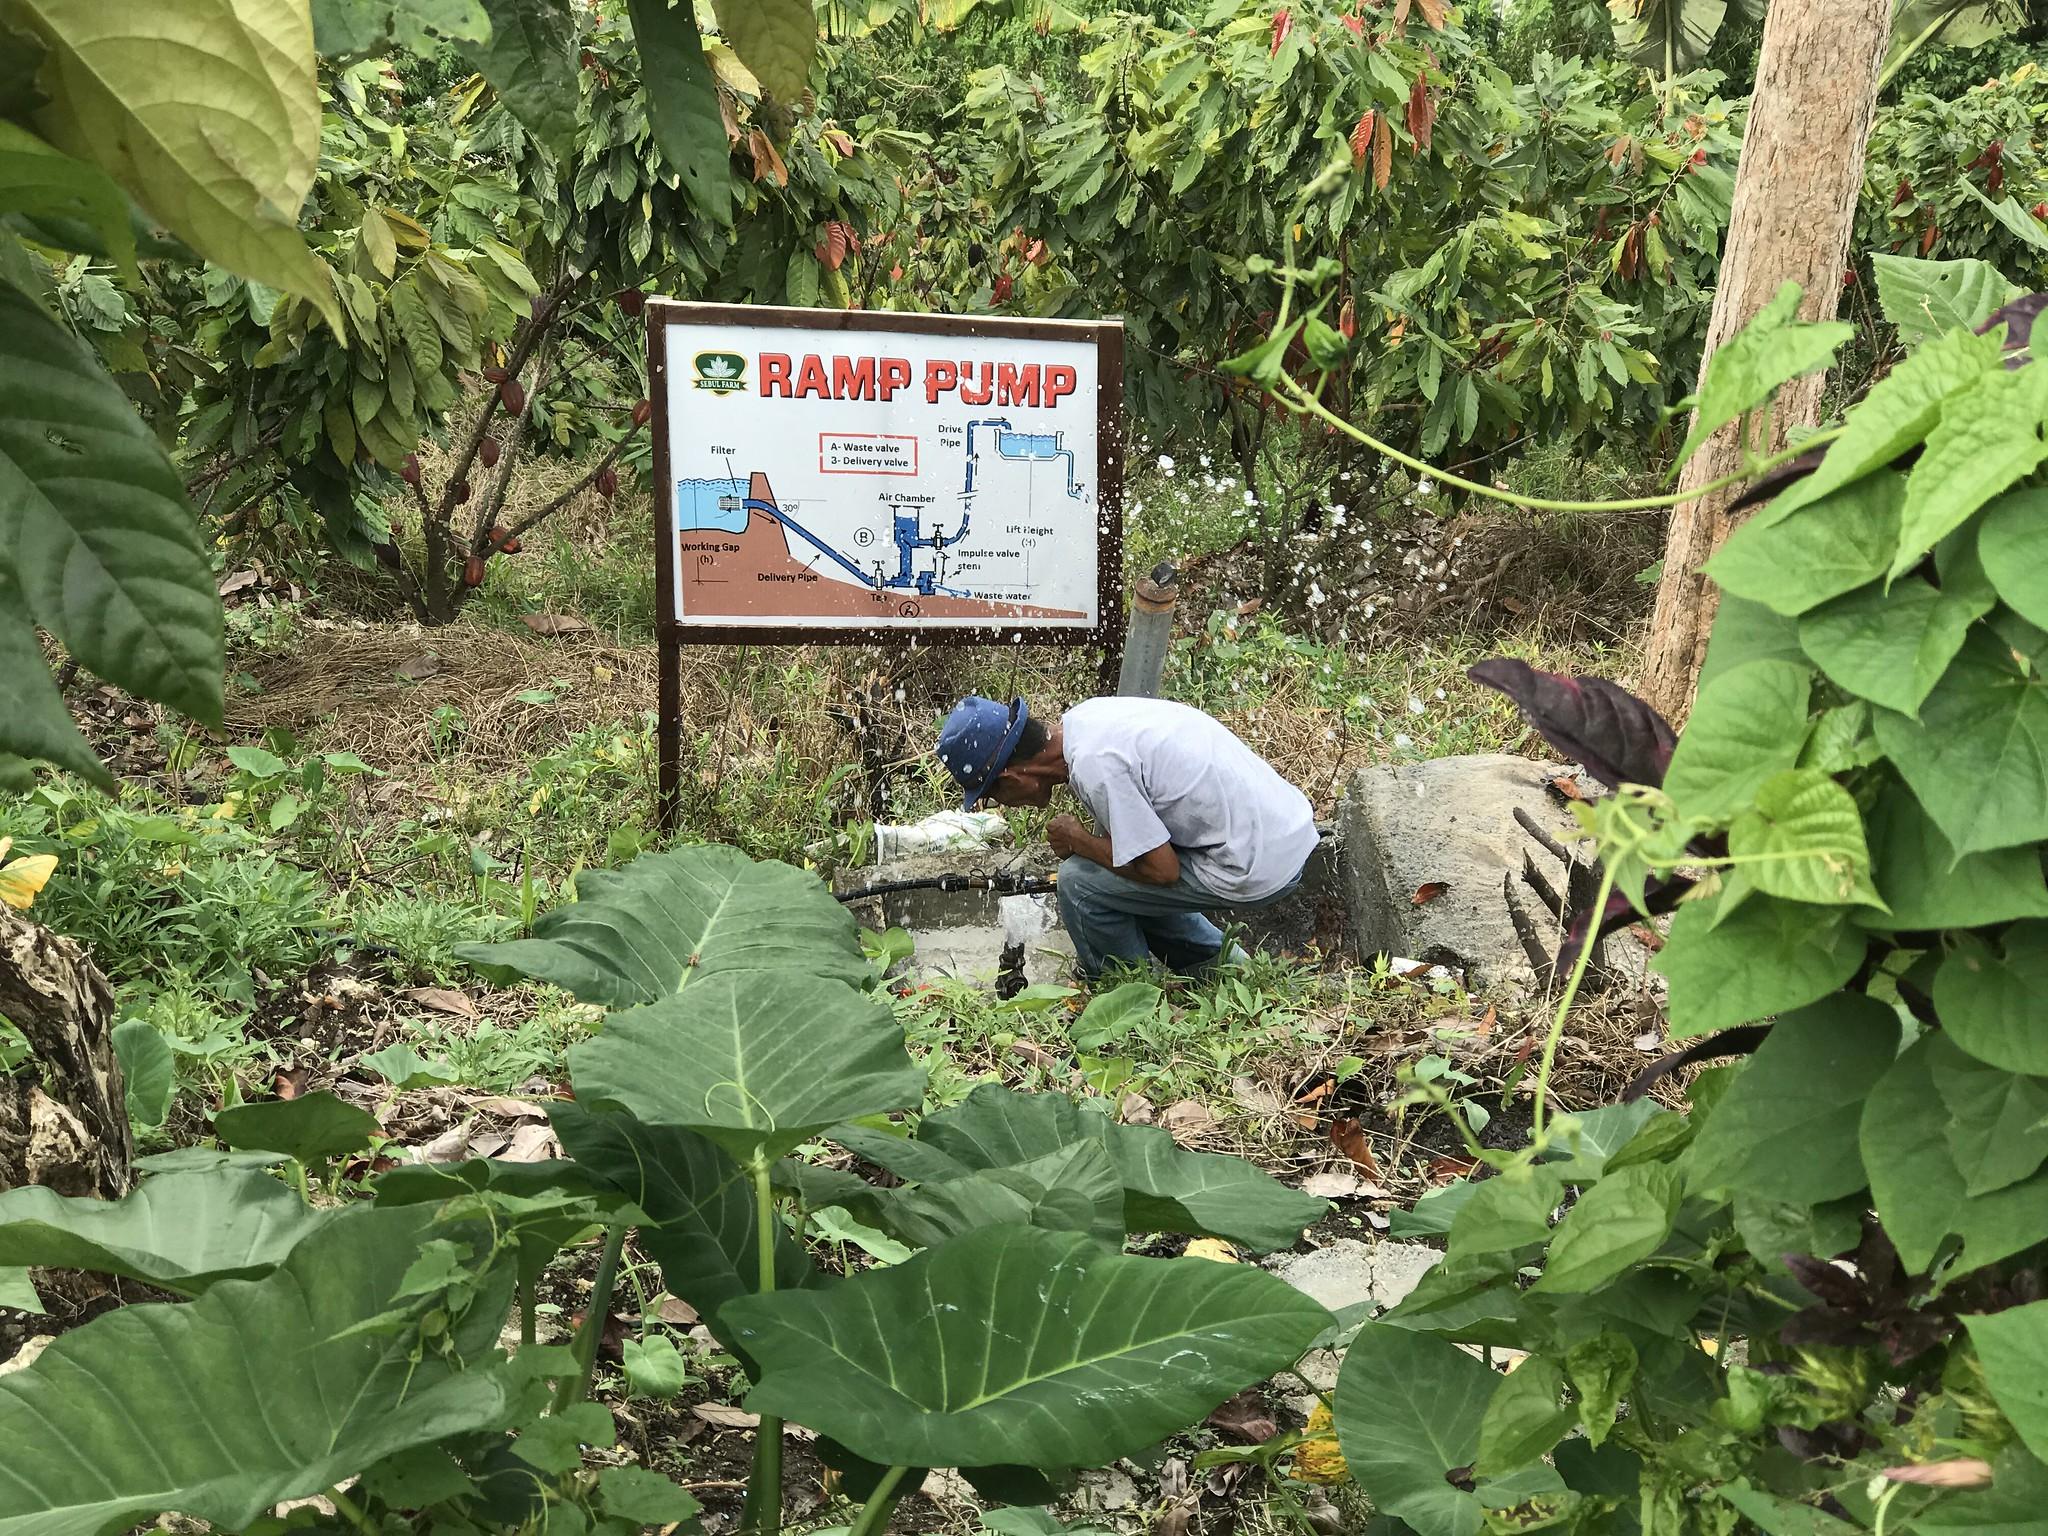 sebul-farm-lake-sebu-ram-pump.jpg